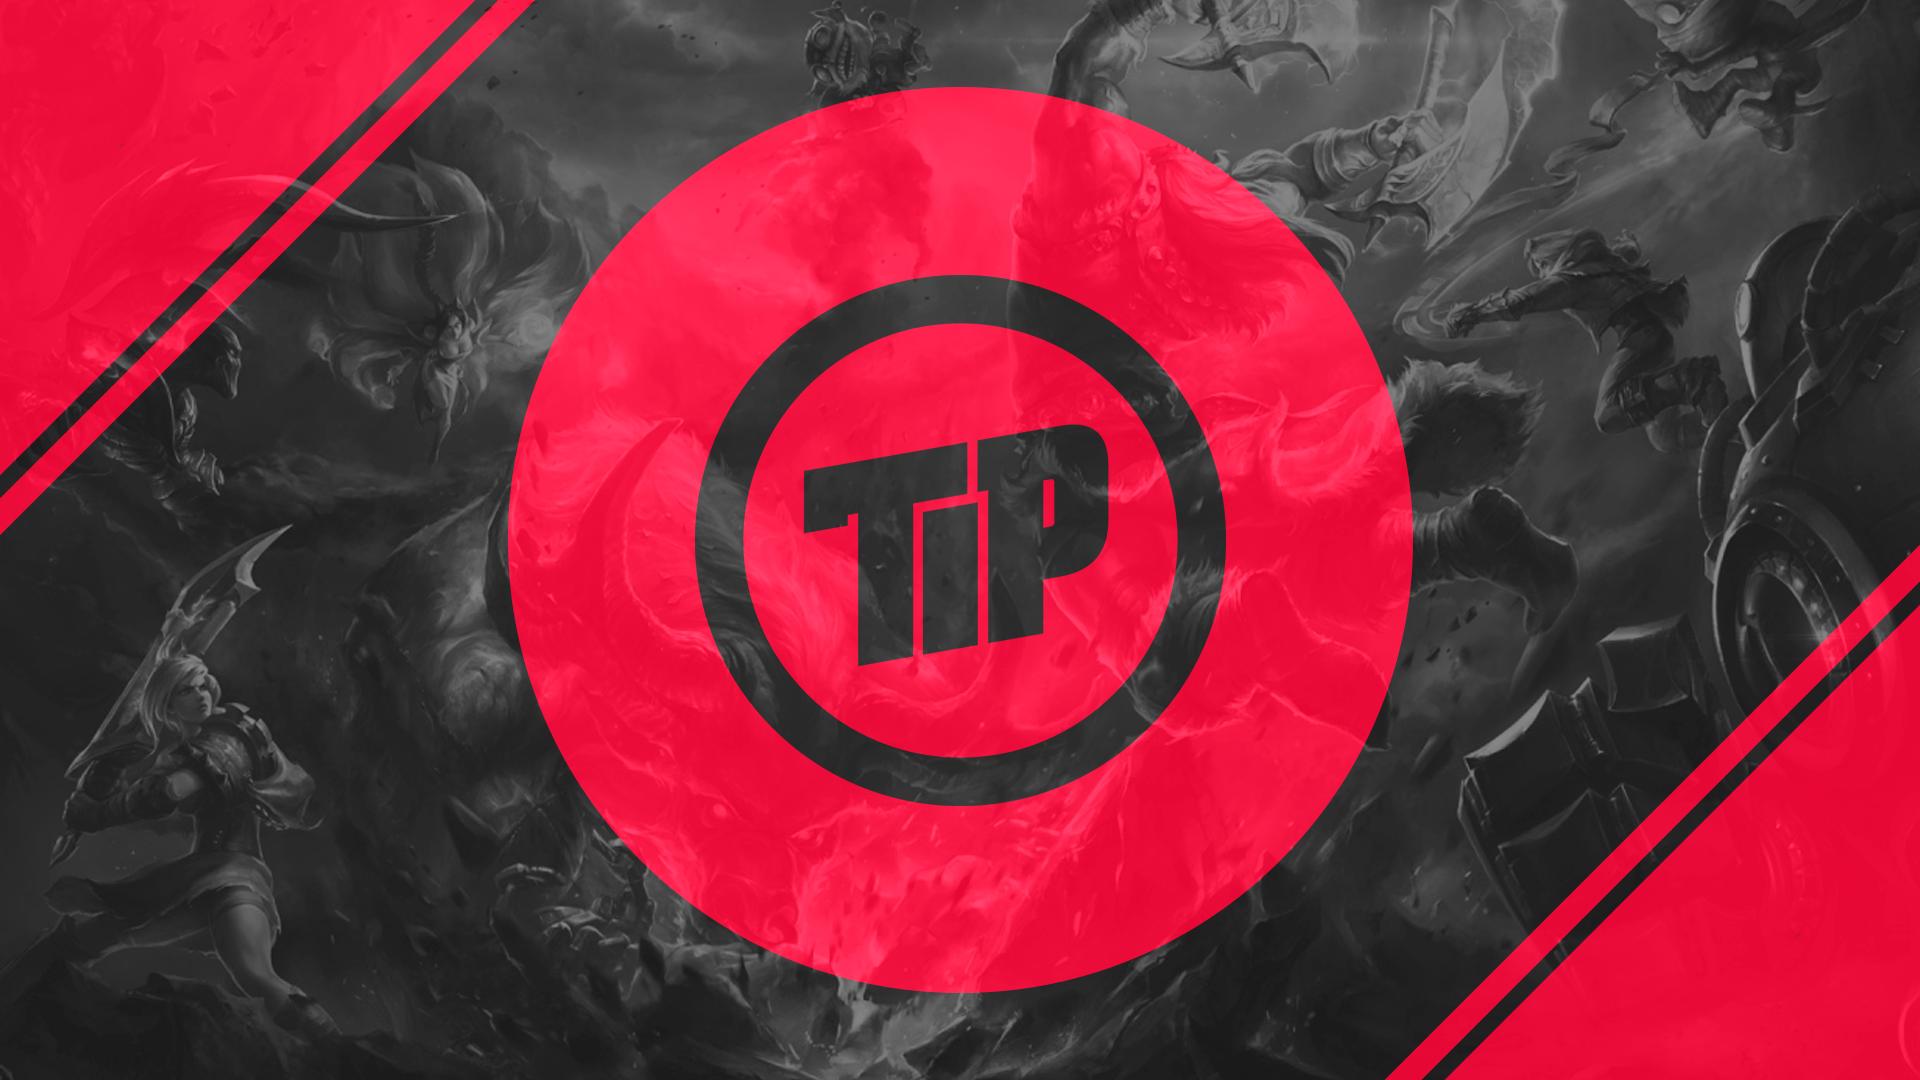 Team Impulse wallpaper